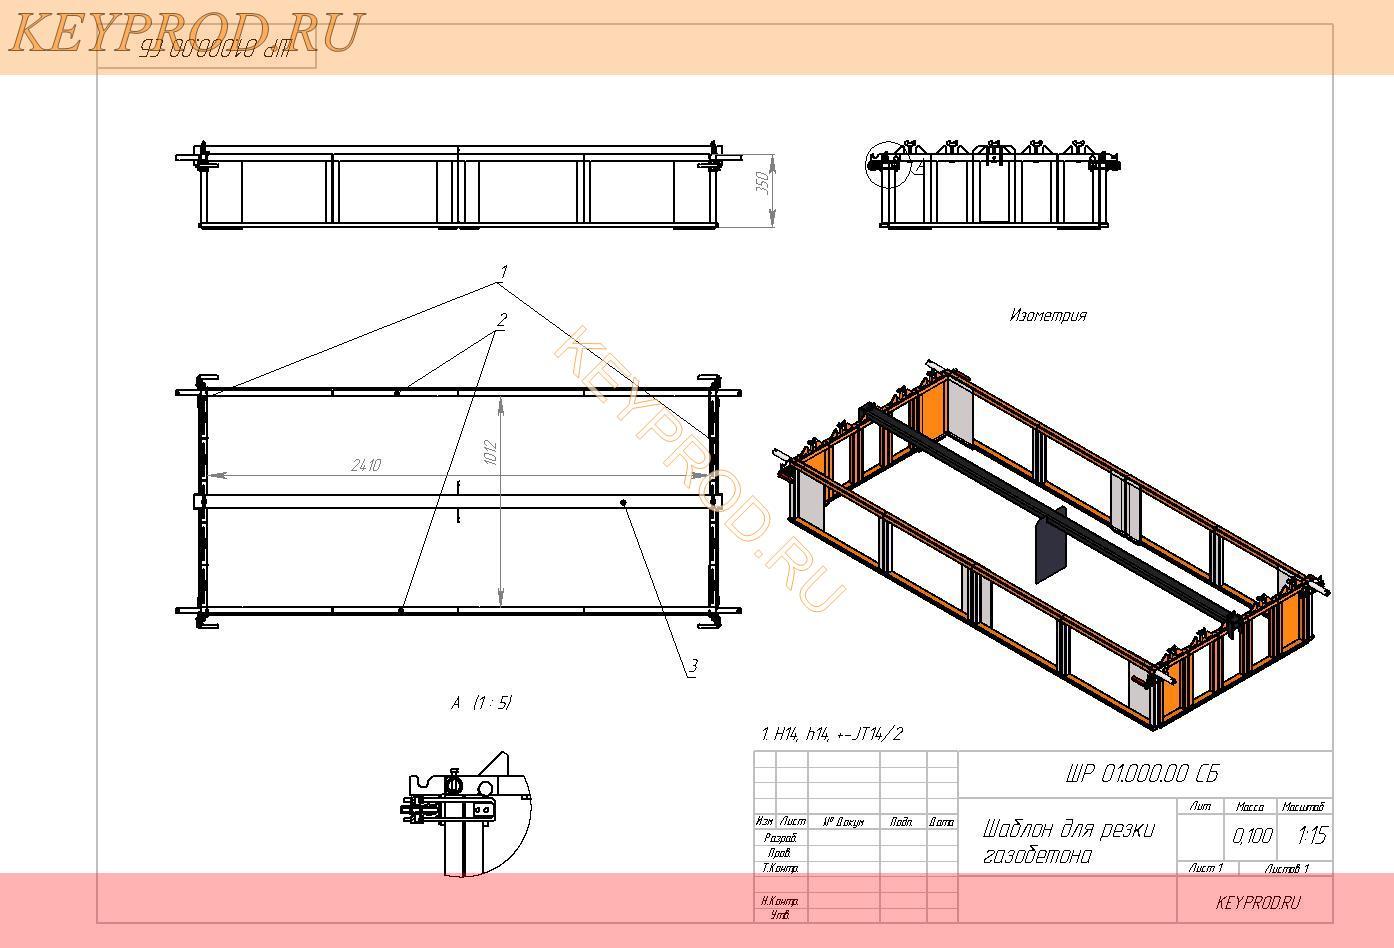 Шаблон для резки газобетона чертежи